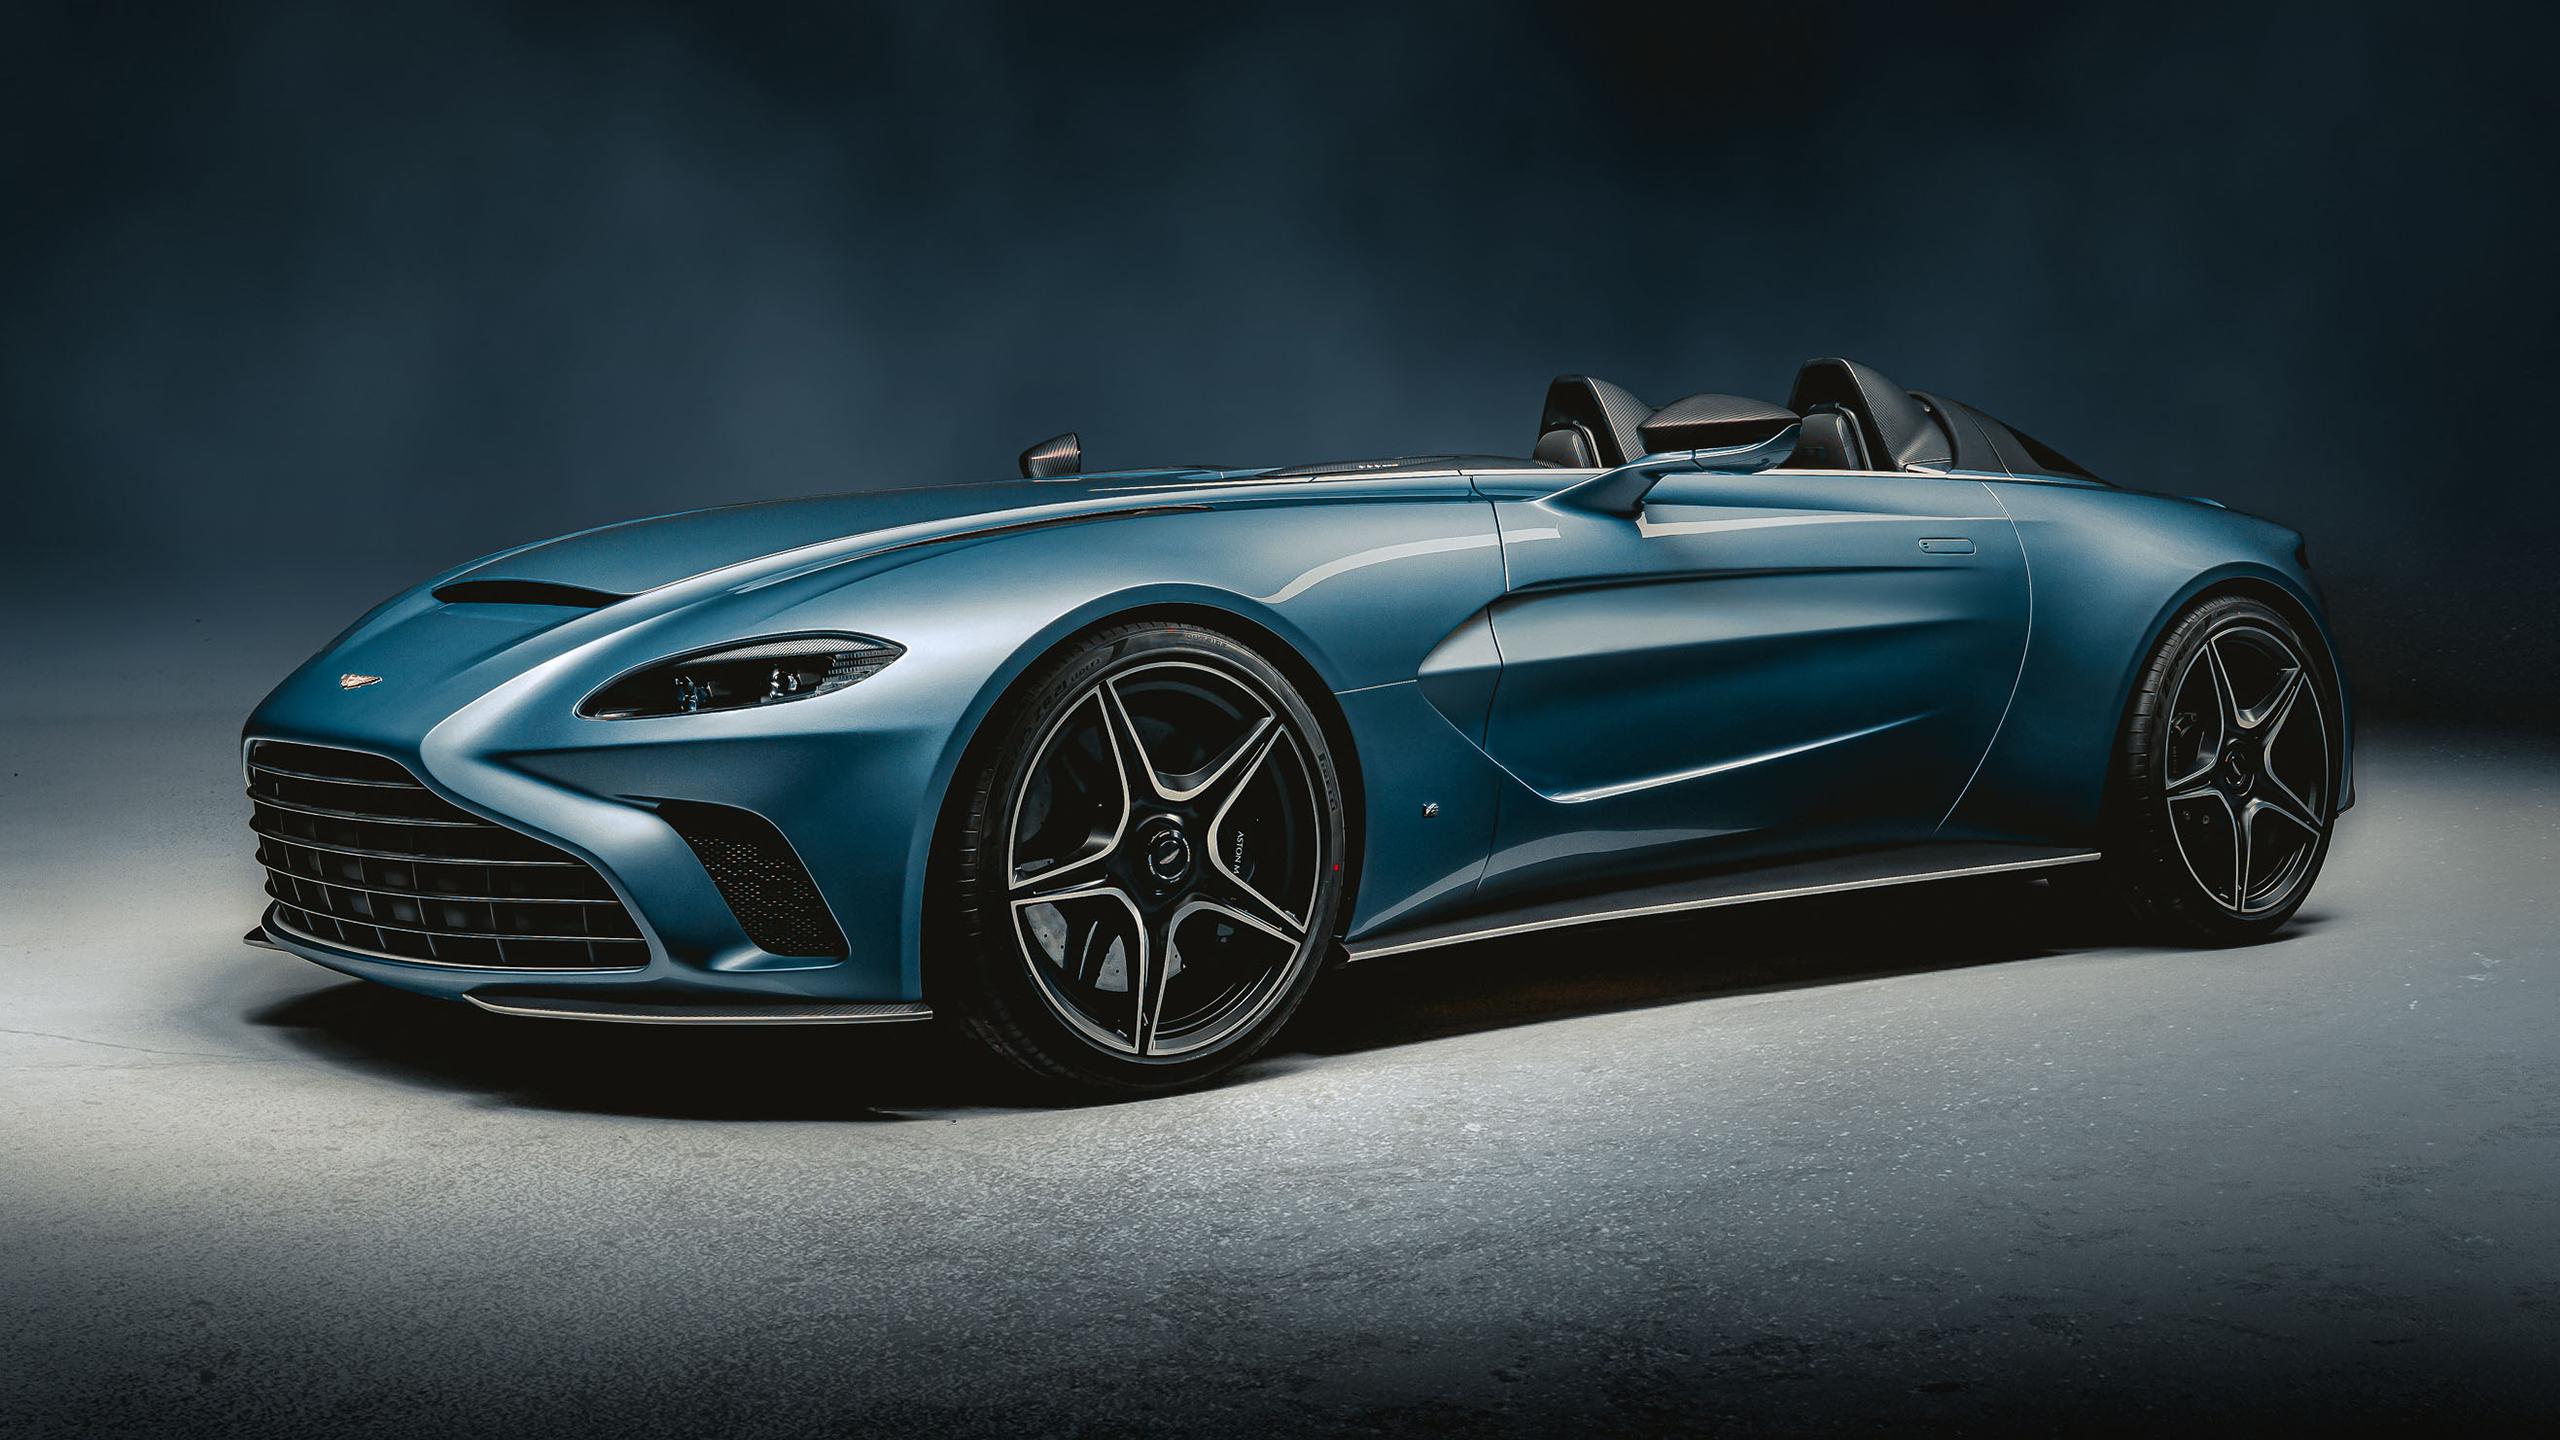 Aston Martin V12 Speedster 2020 Wallpaper Hd Car Wallpapers Id 14657